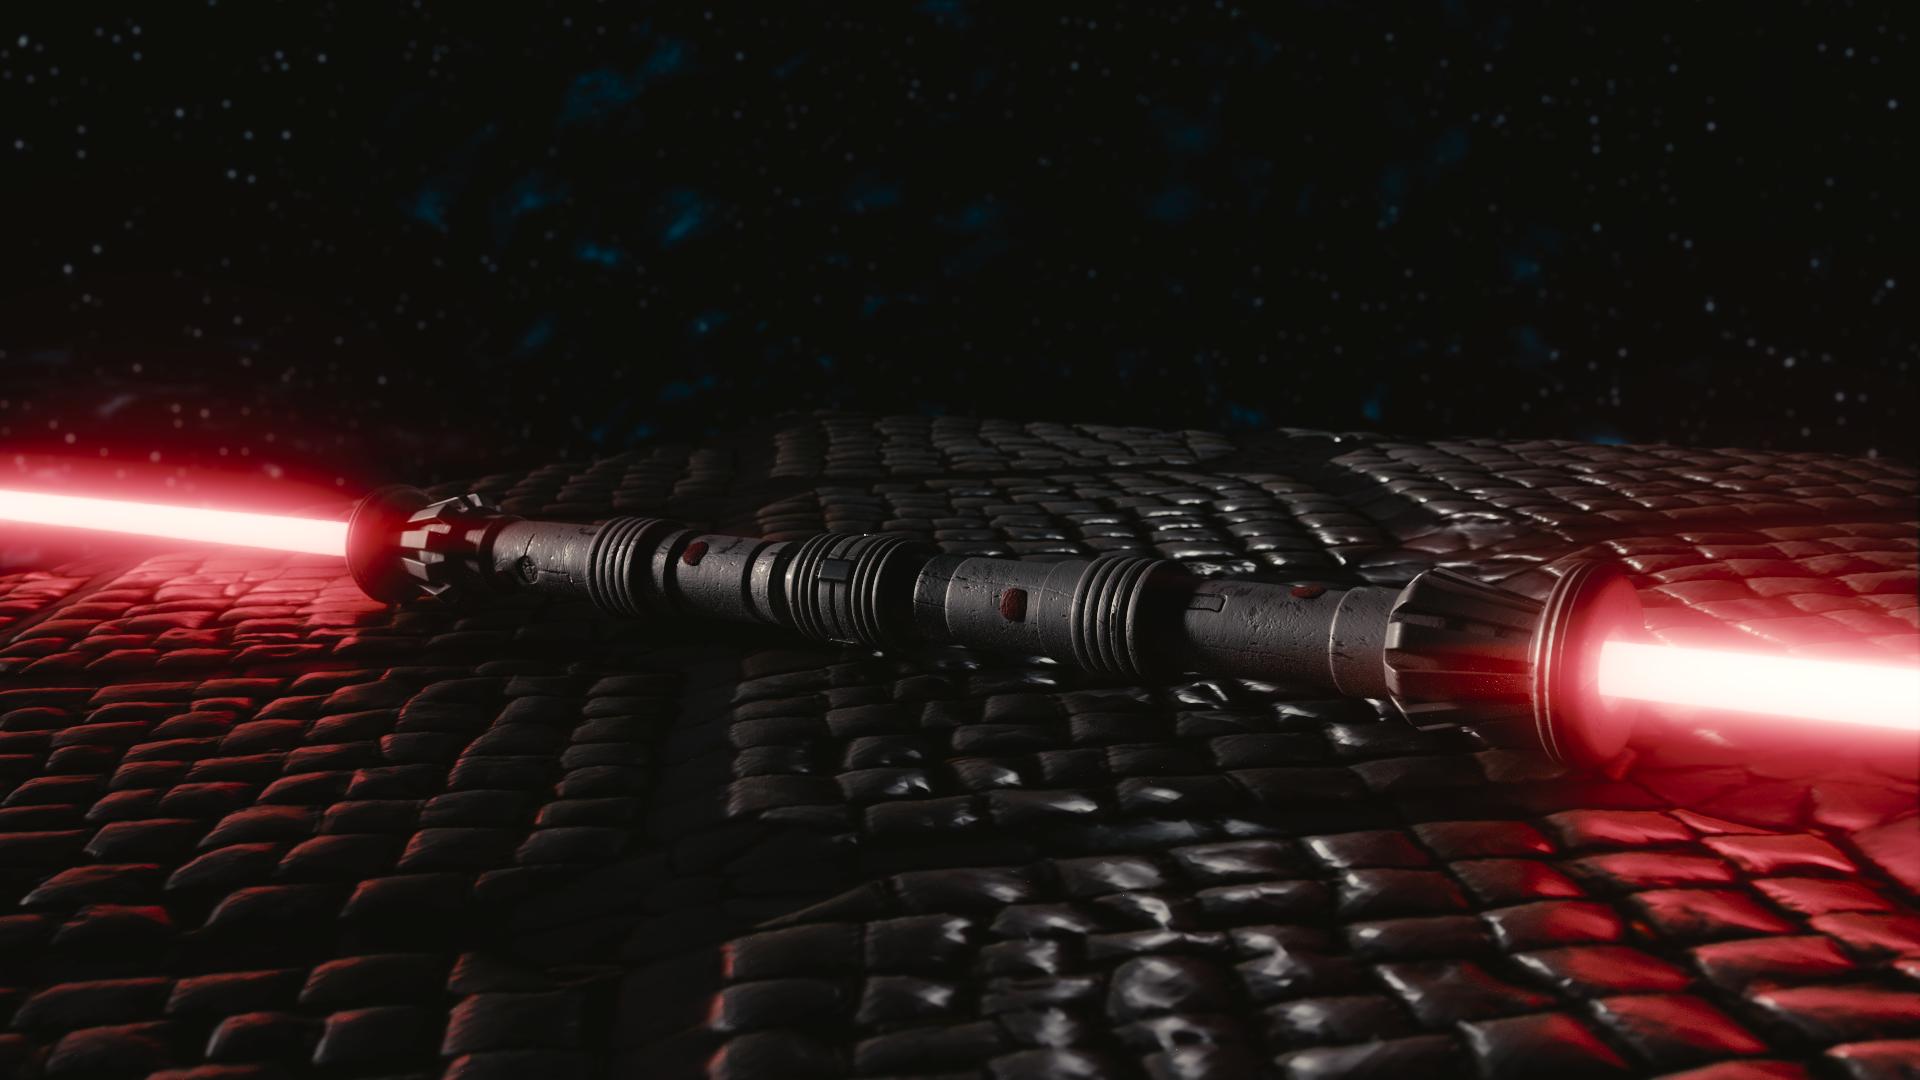 Star Wars Darth Maul Lightsaber HD